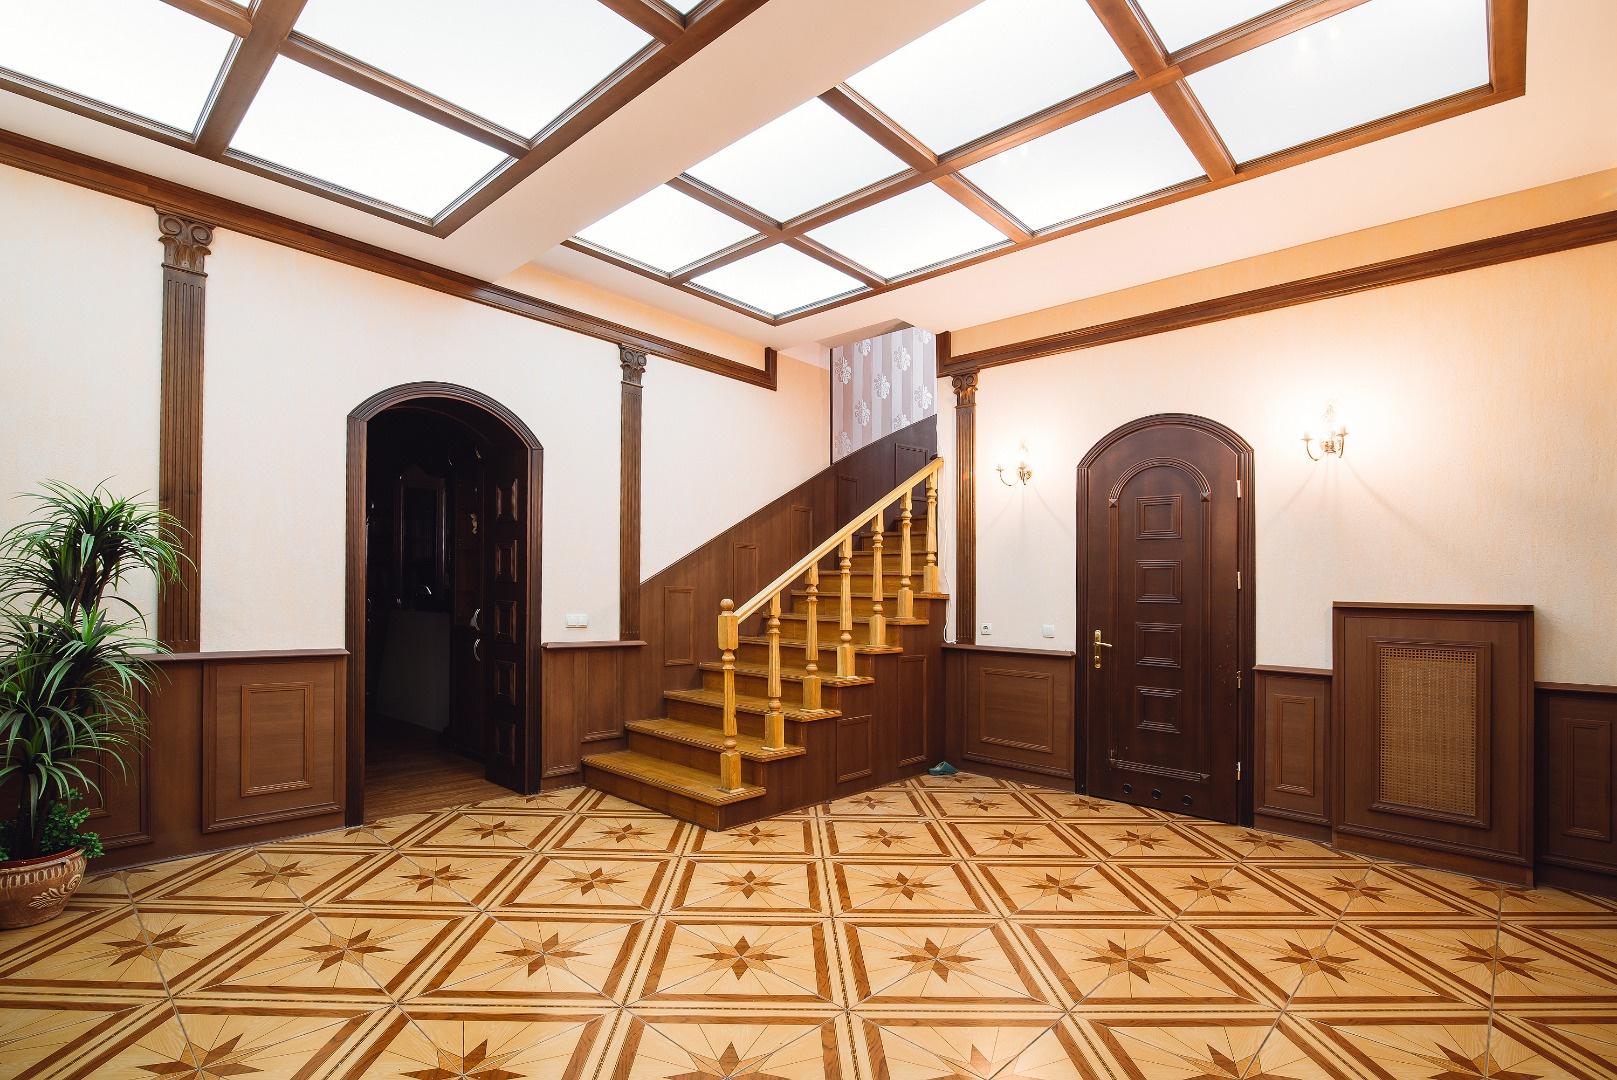 Продается Дом на ул. Аркадиевский Пер. — 1 500 000 у.е. (фото №27)